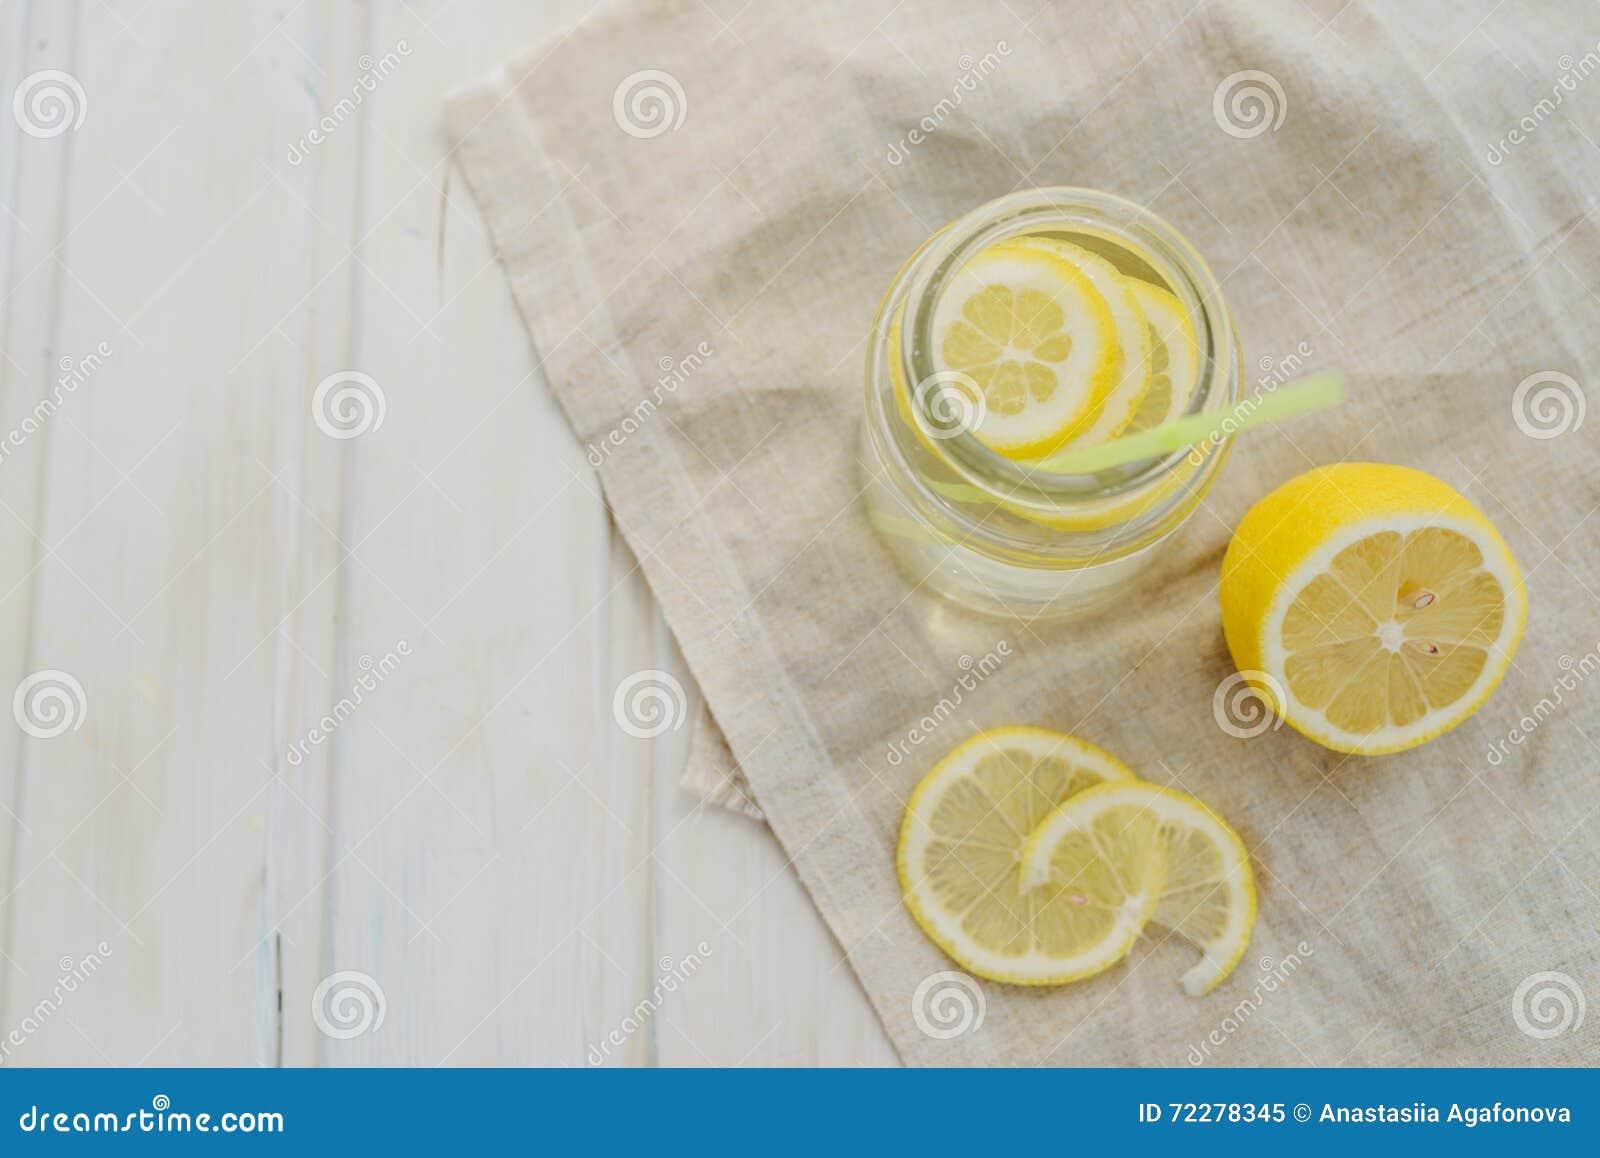 Download лимонад стоковое изображение. изображение насчитывающей органическо - 72278345